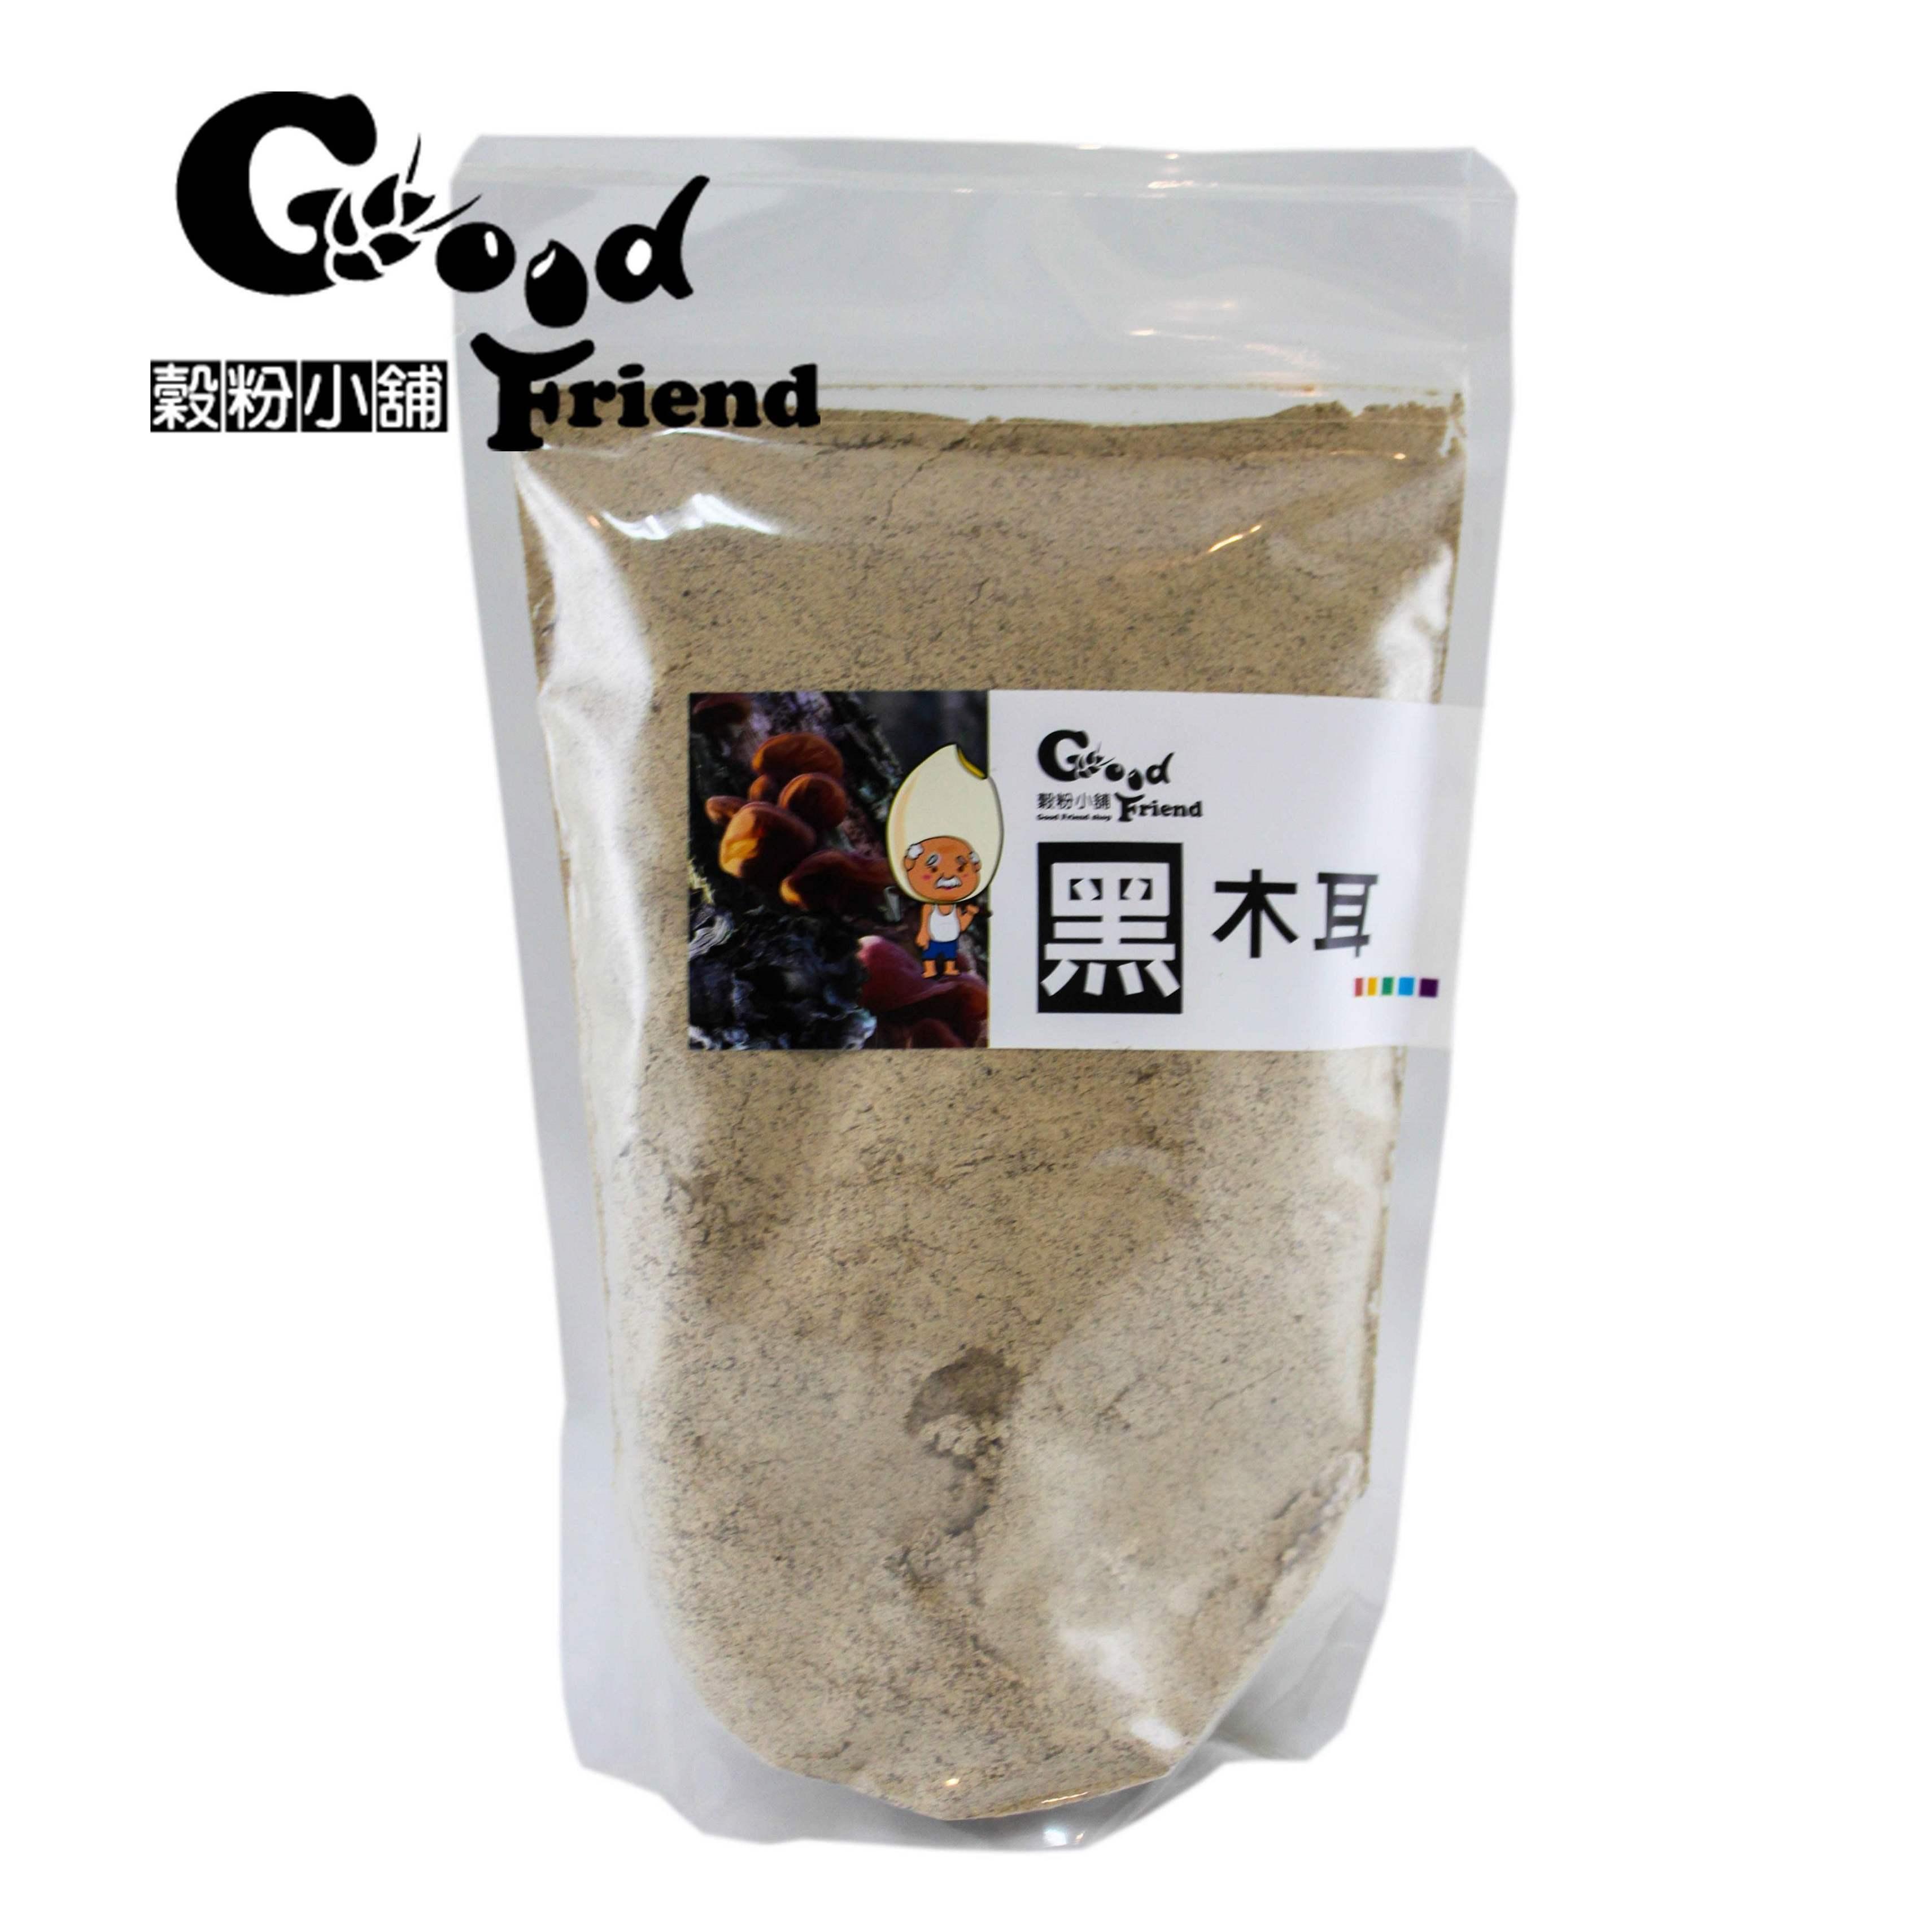 【穀粉小舖 Good Friend Shop】 新鮮 自製 天然 健康 黑木耳粉